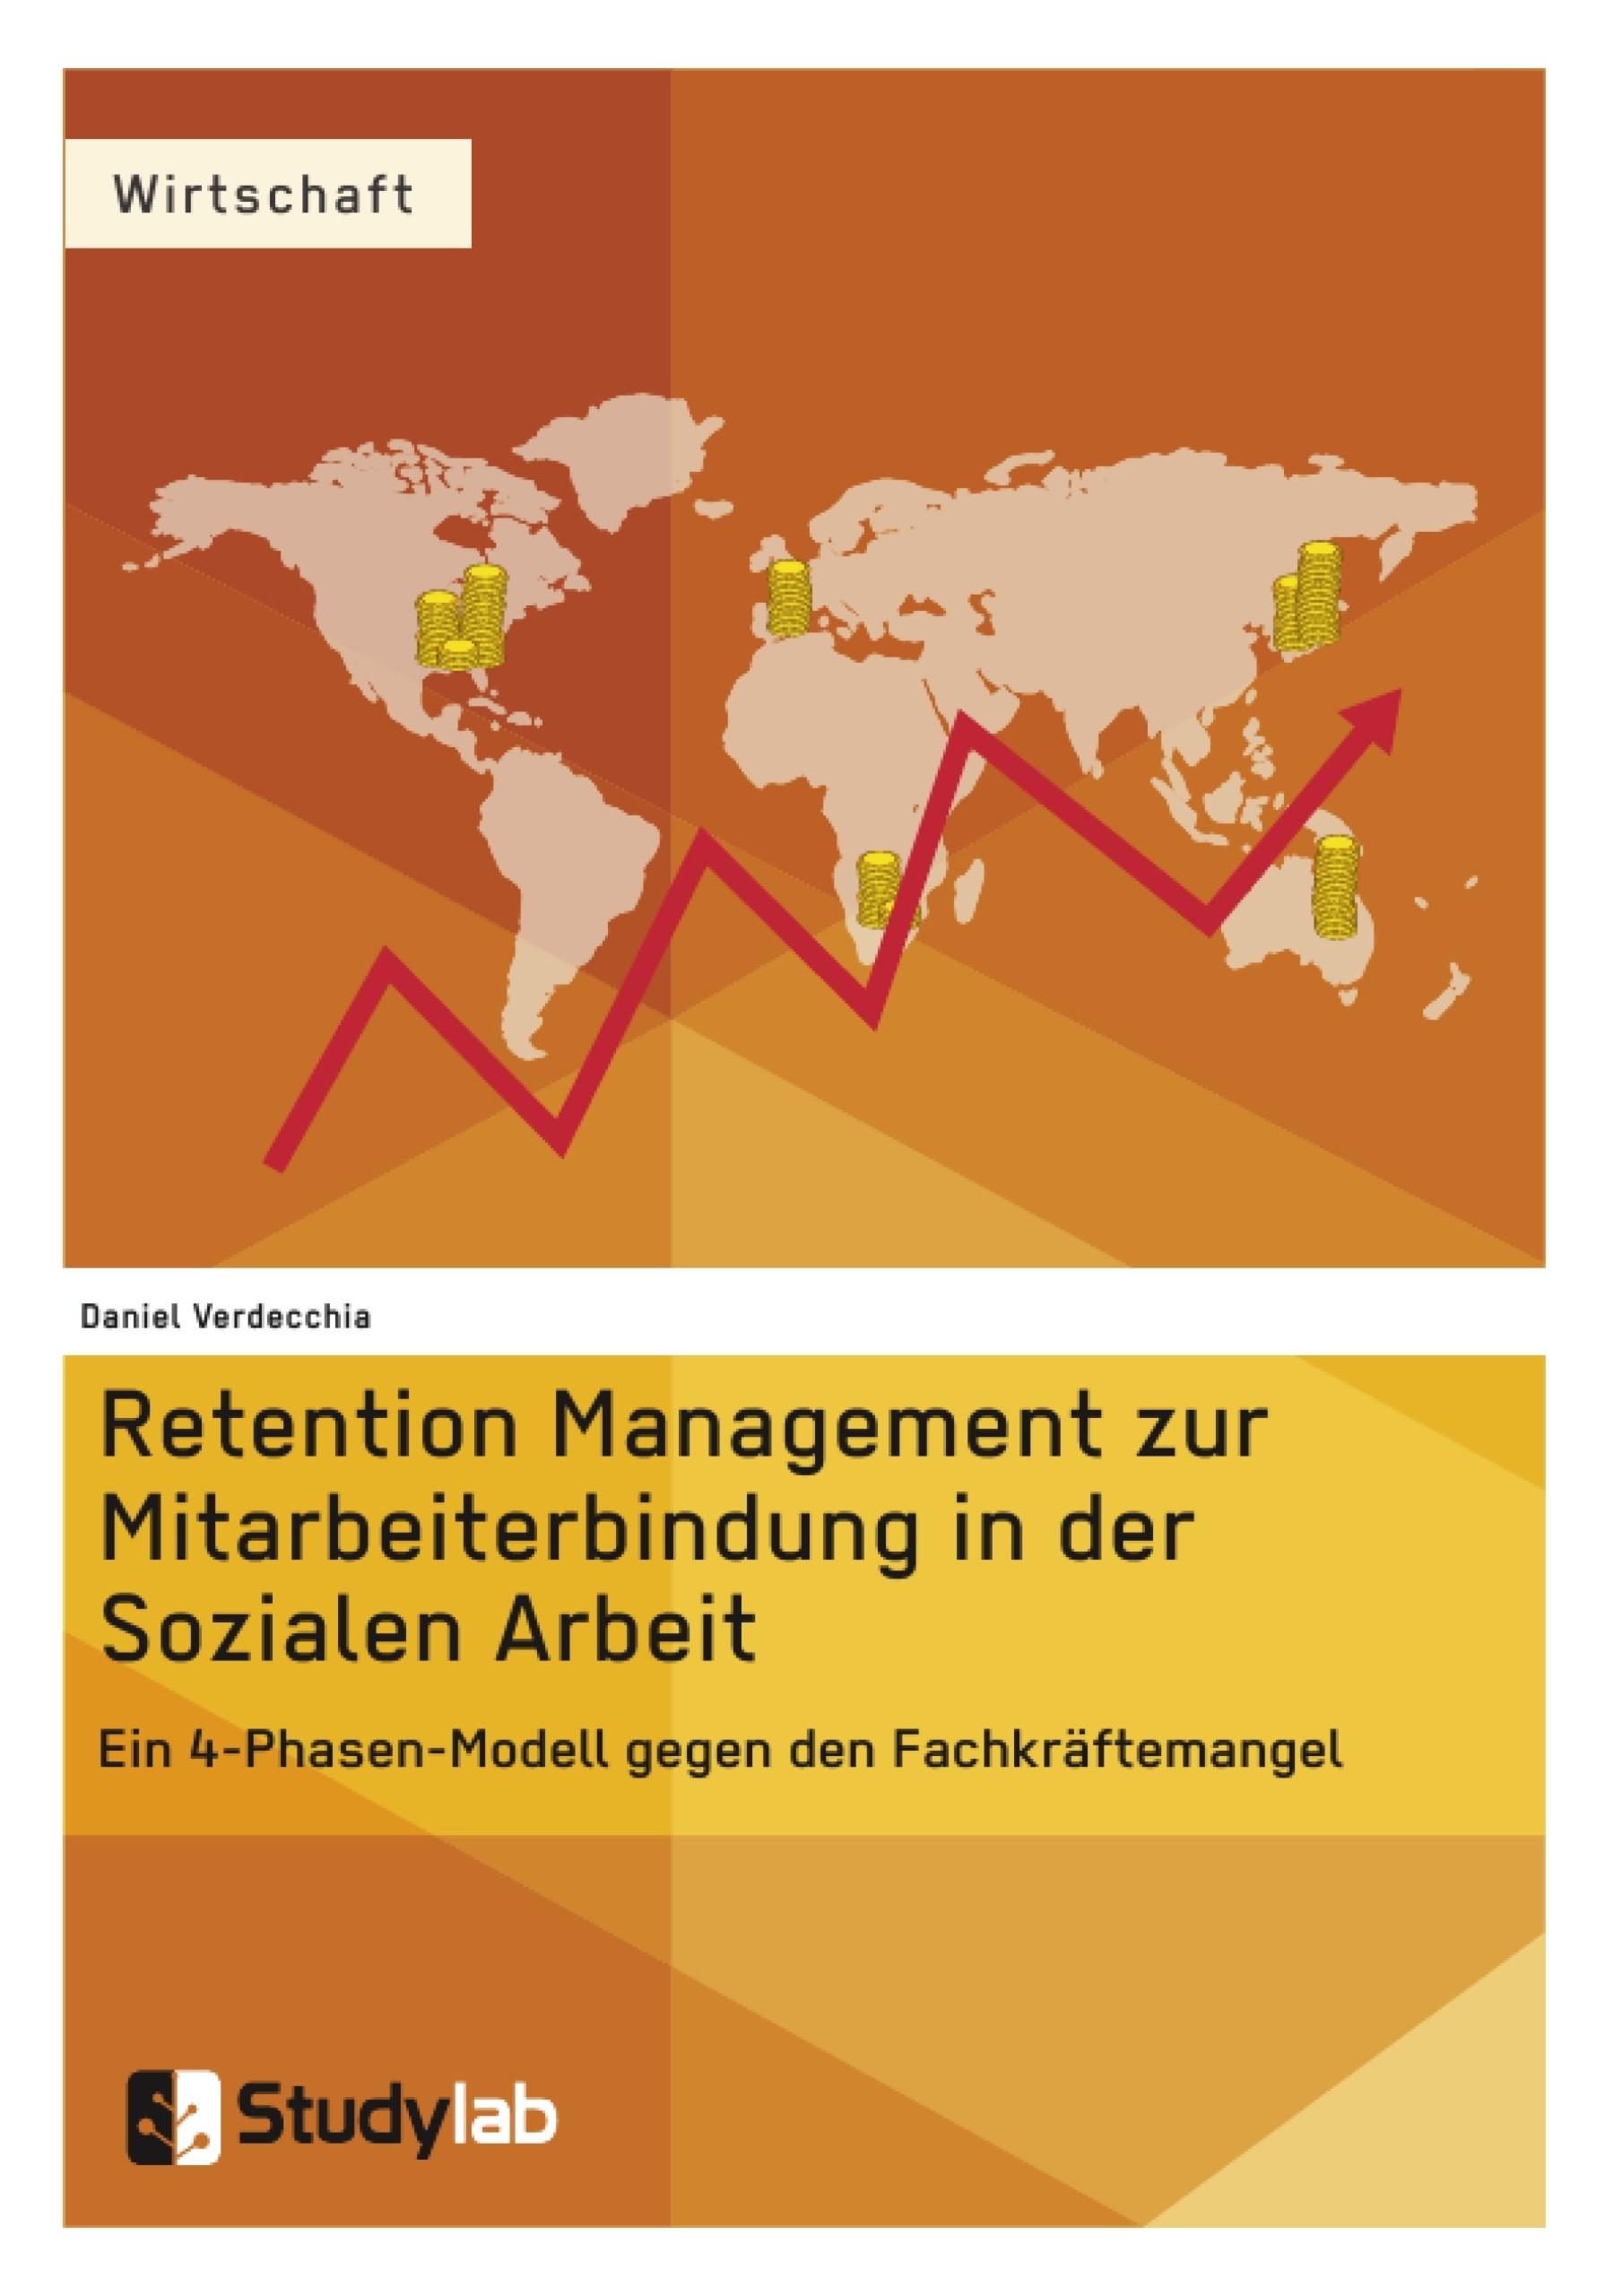 Titel: Retention Management zur Mitarbeiterbindung in der Sozialen Arbeit